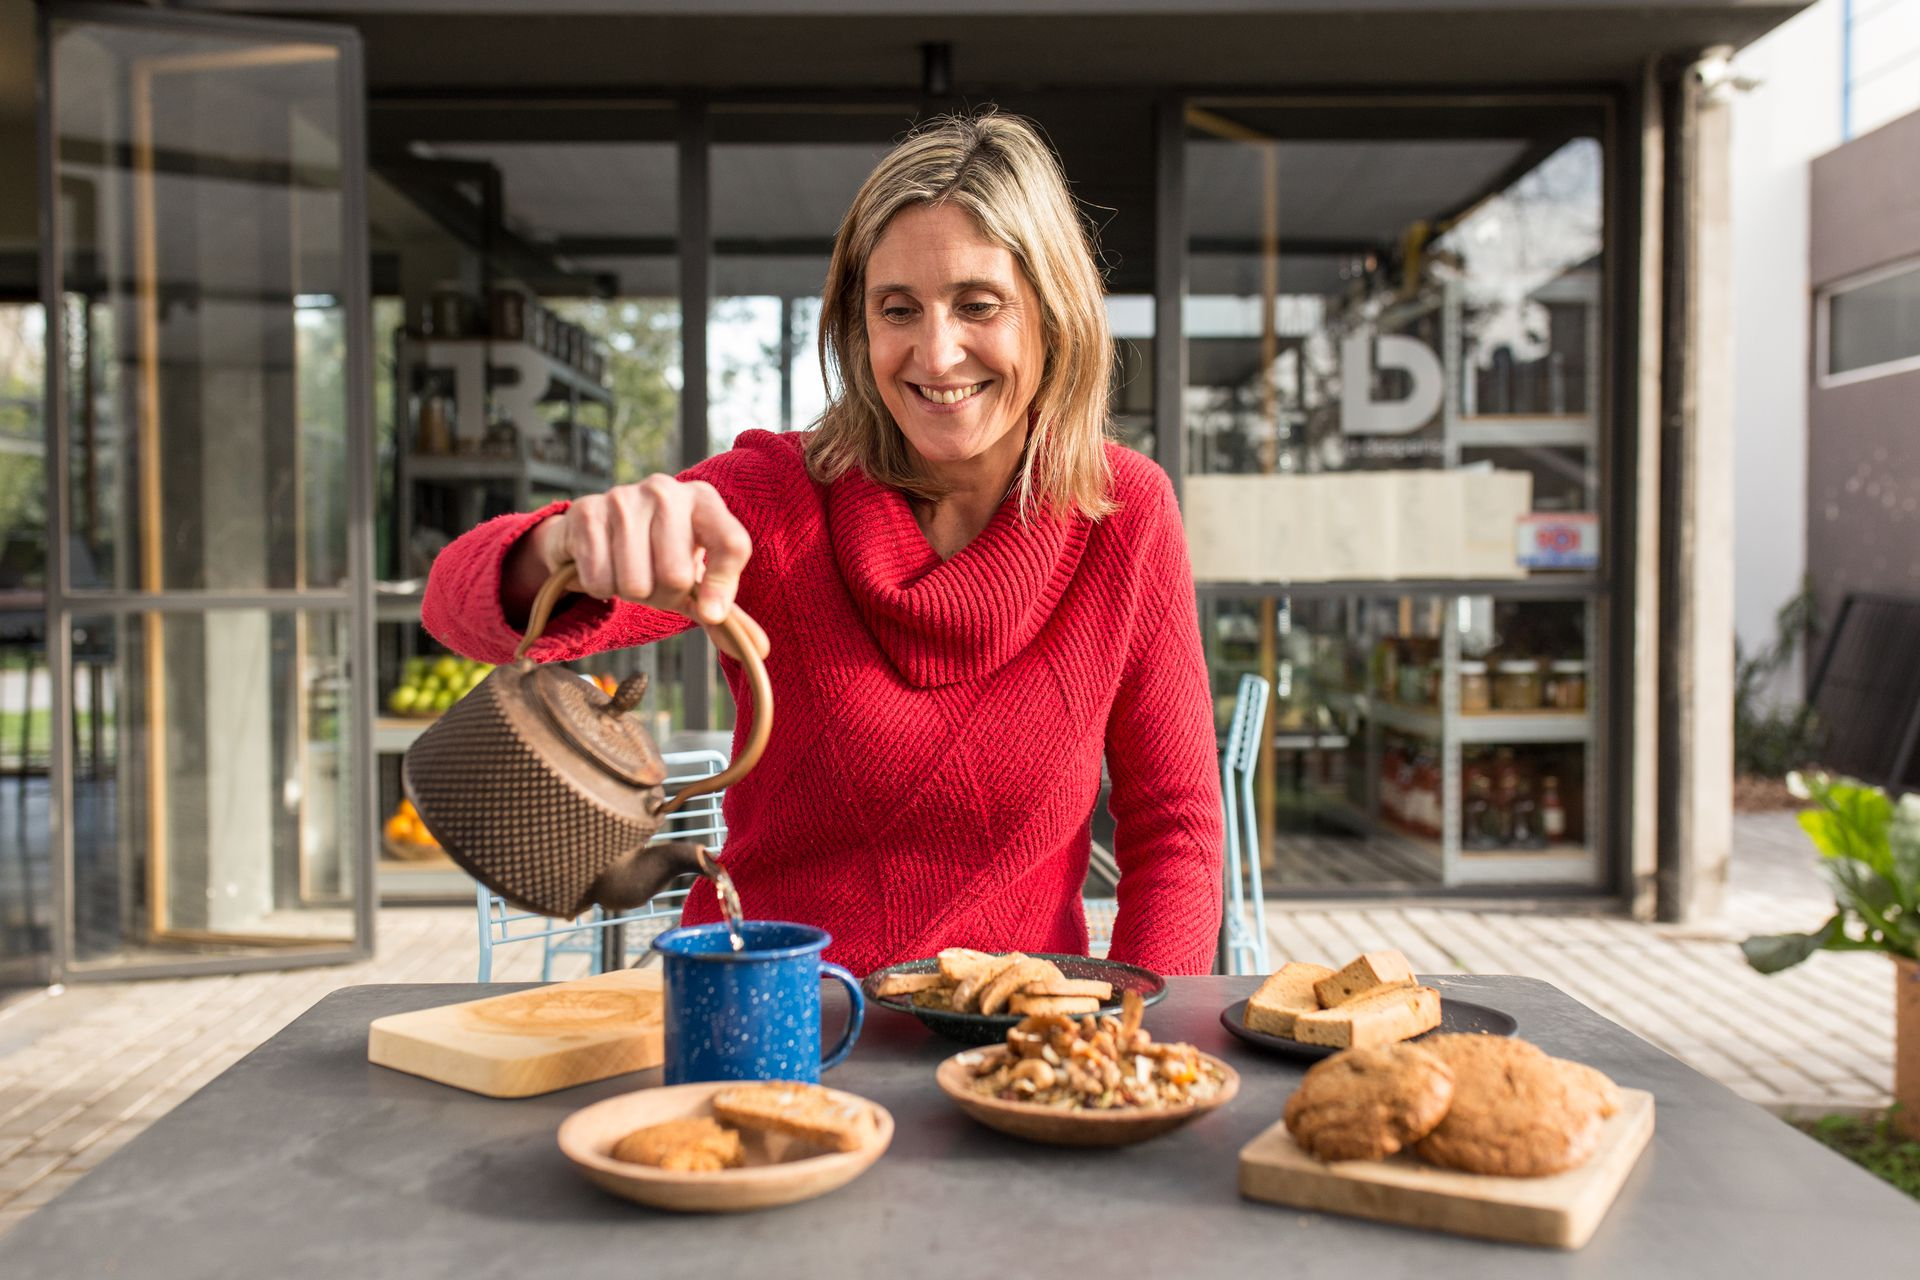 Teresa Rucci en su espacio de cocina y mercado, donde ofrece la materia prima con la que ella misma cocina.